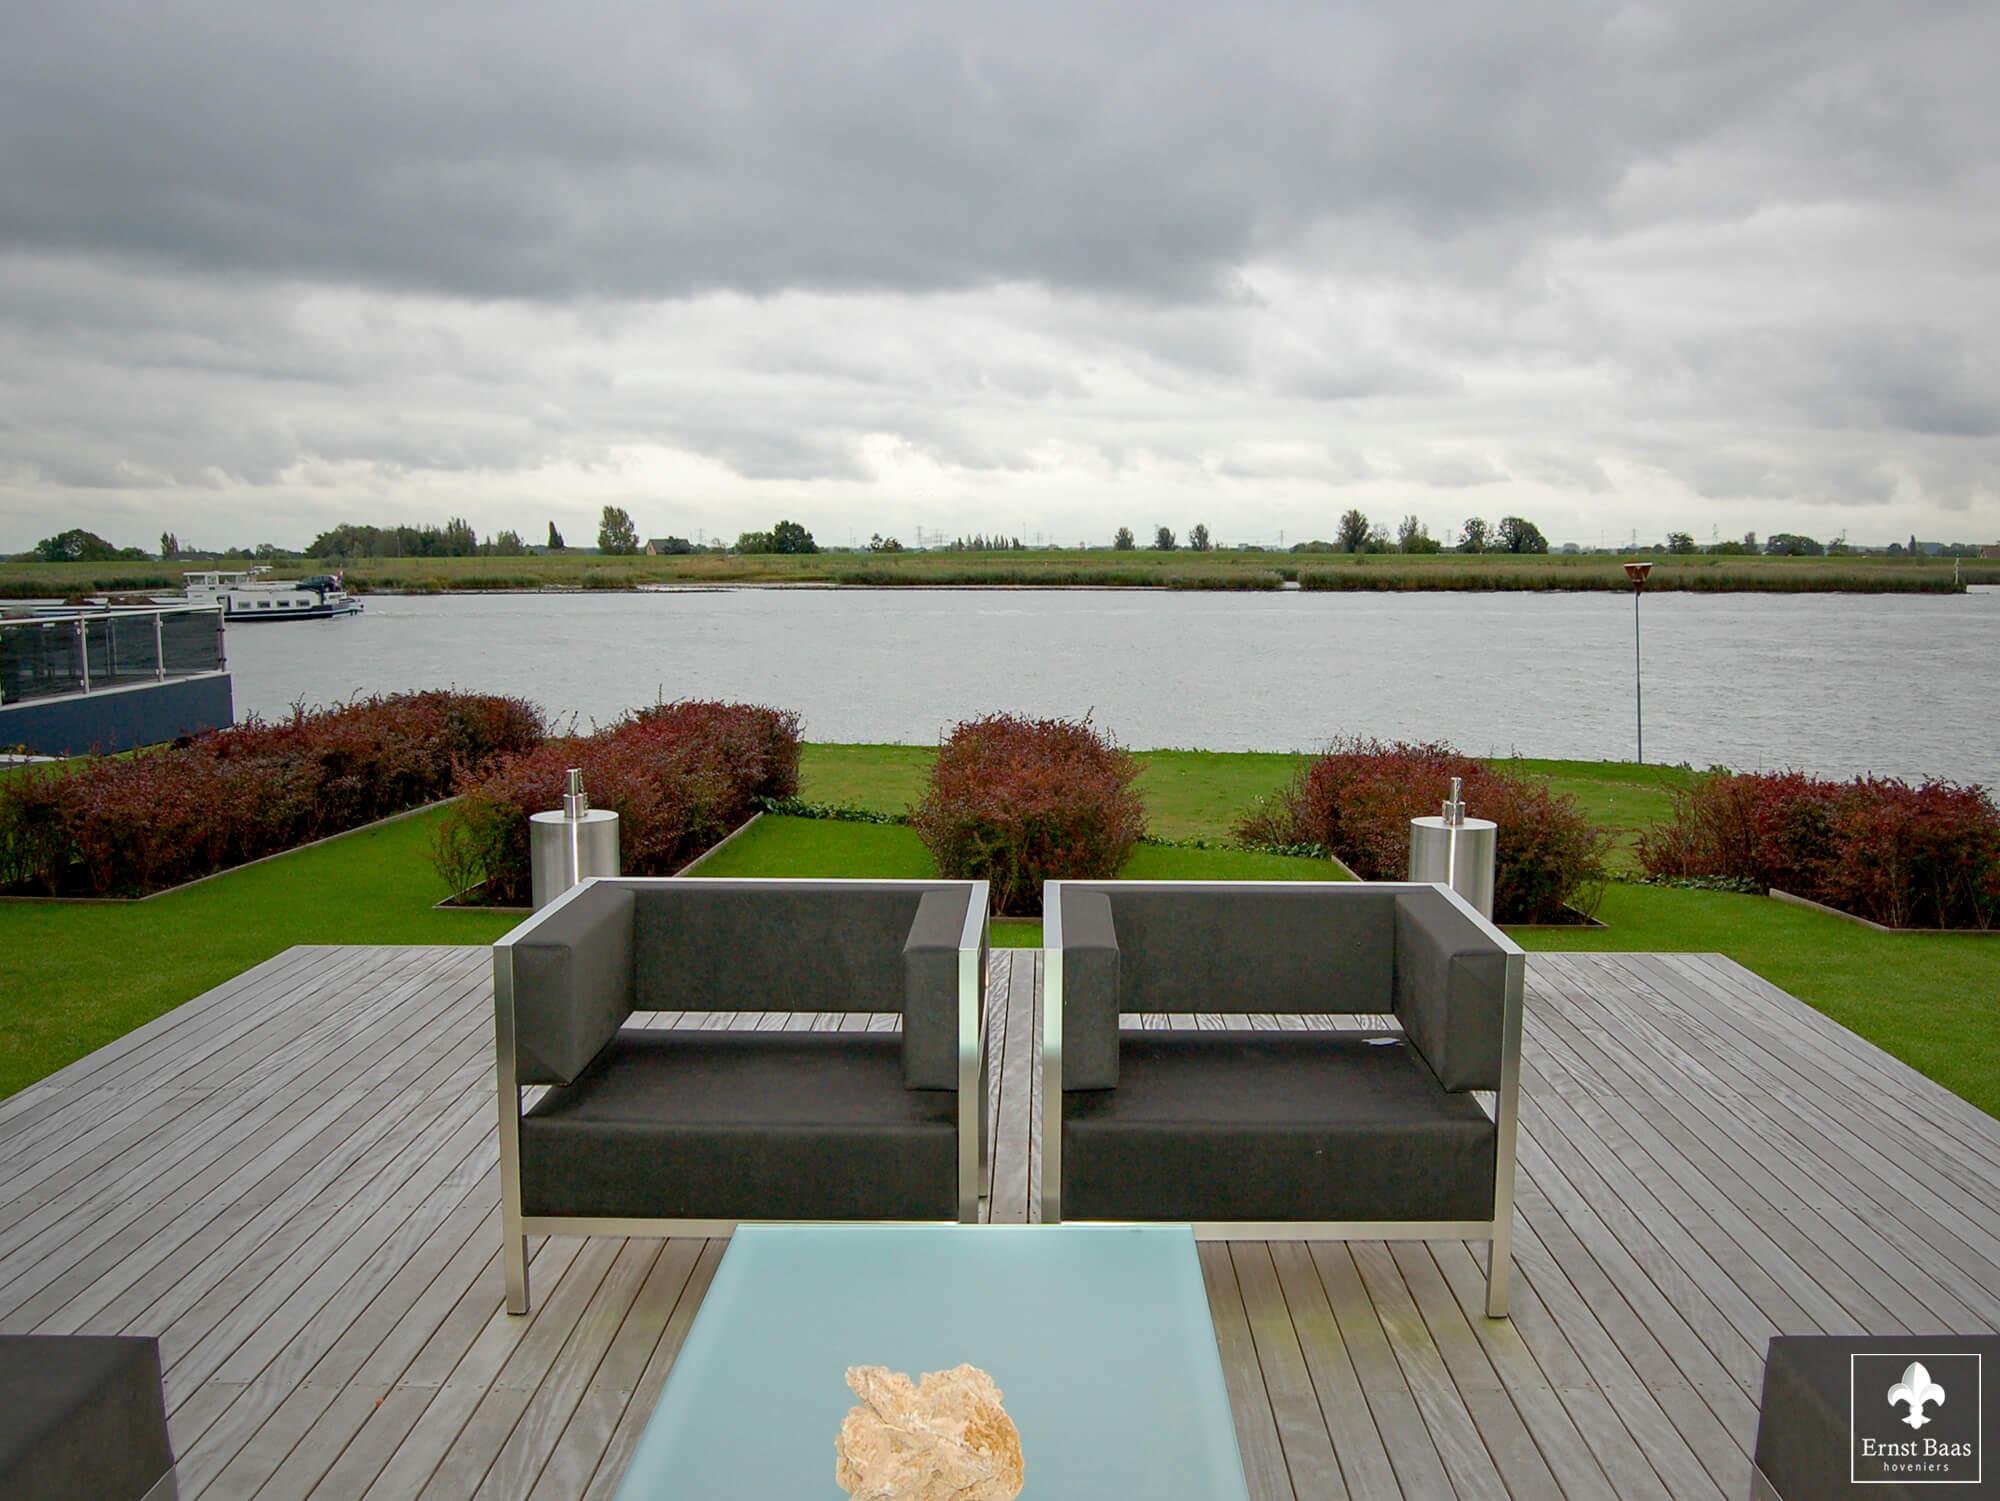 Fijne Tuin Inrichting : Tuininrichting ernst baas hoveniersbedrijf in waddinxveen